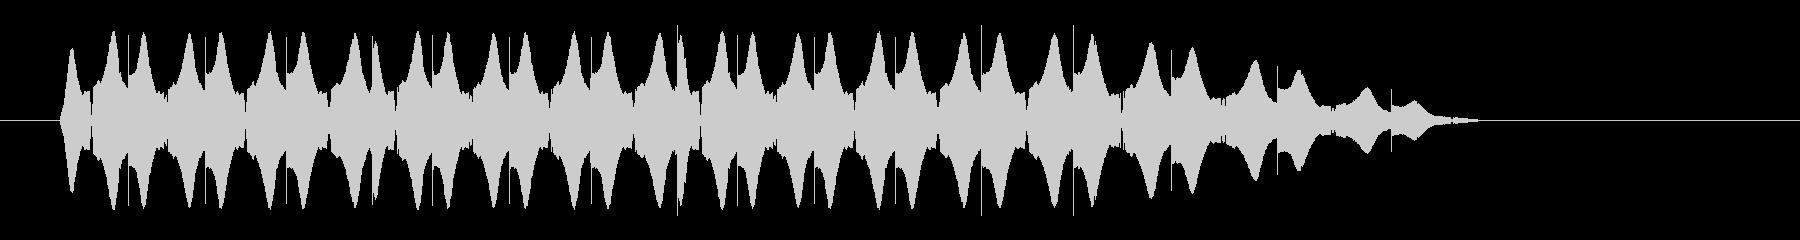 レーザー音-45-3の未再生の波形